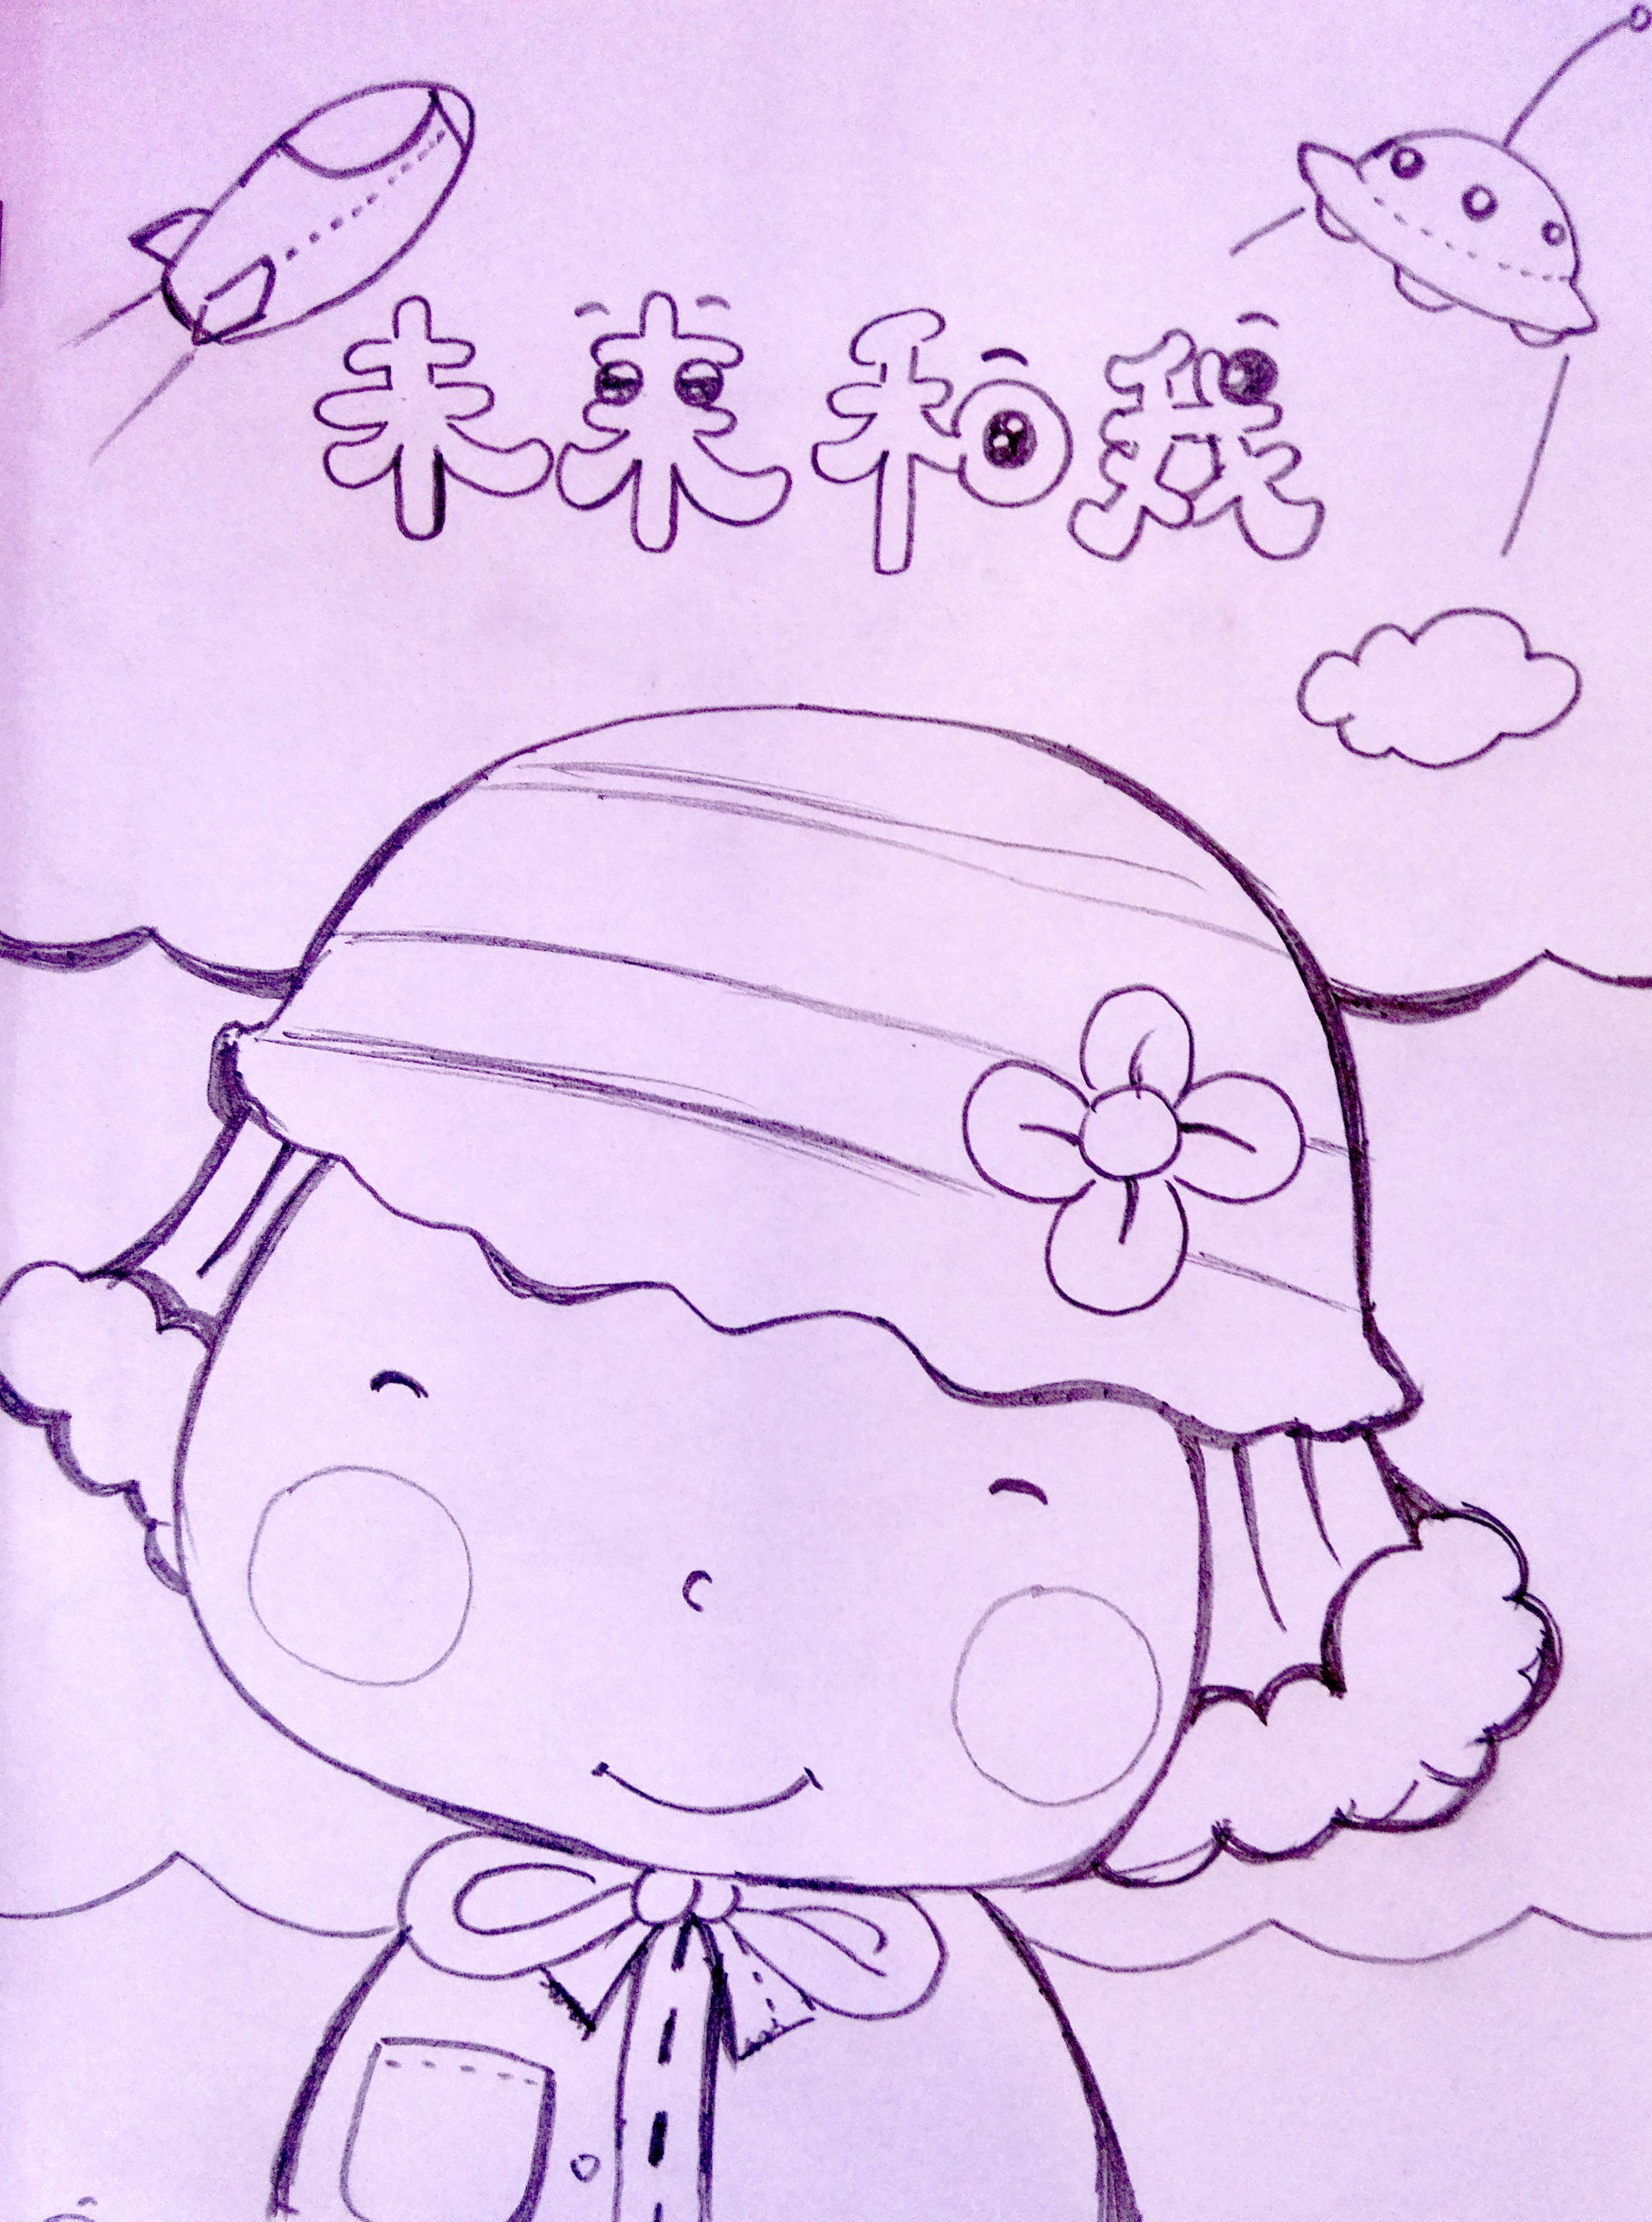 为小朋友画的几张铅笔手绘